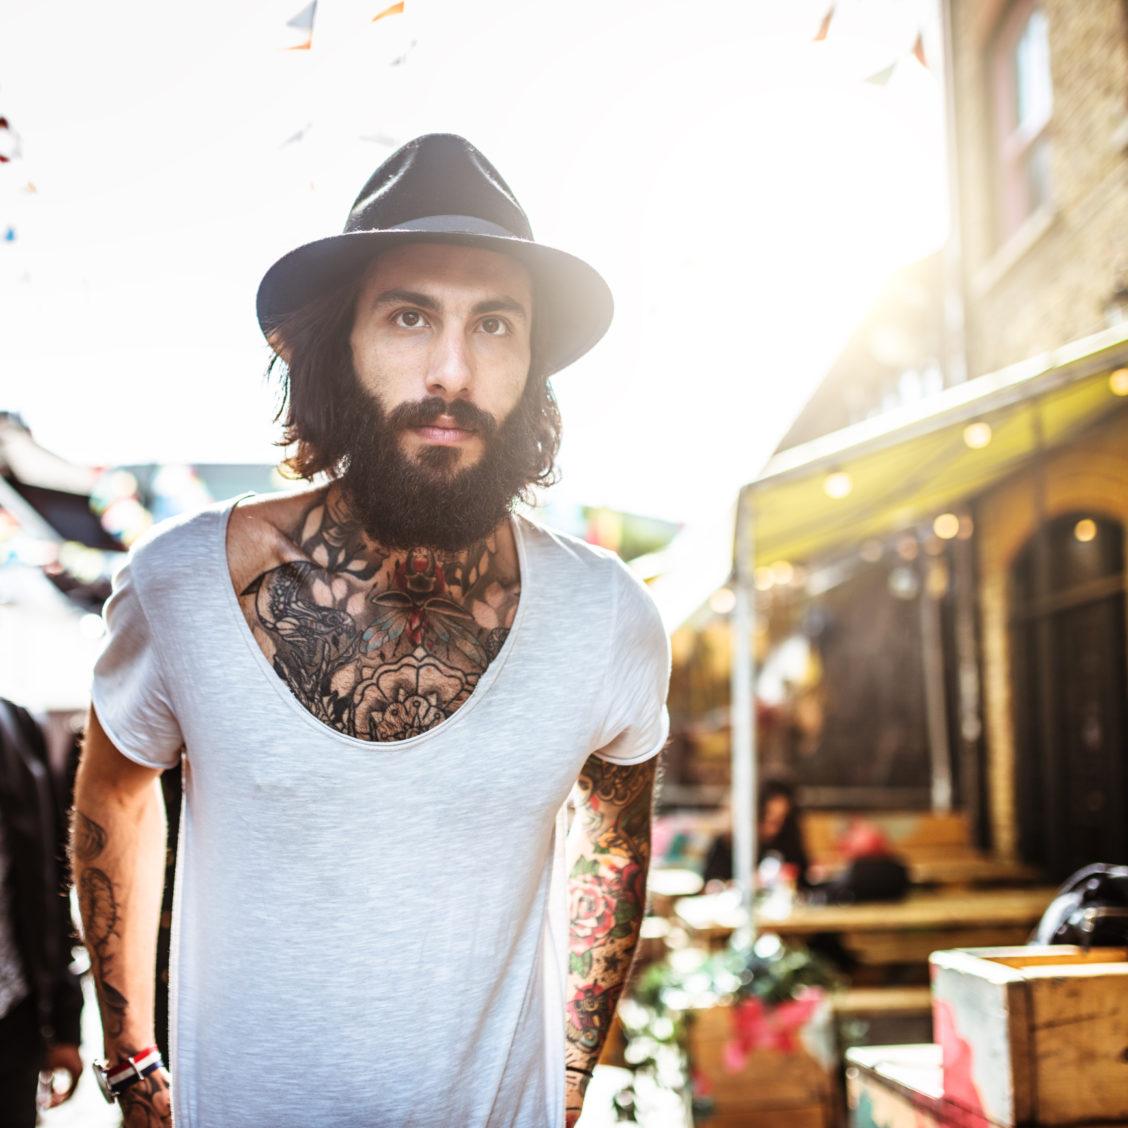 gay men beard